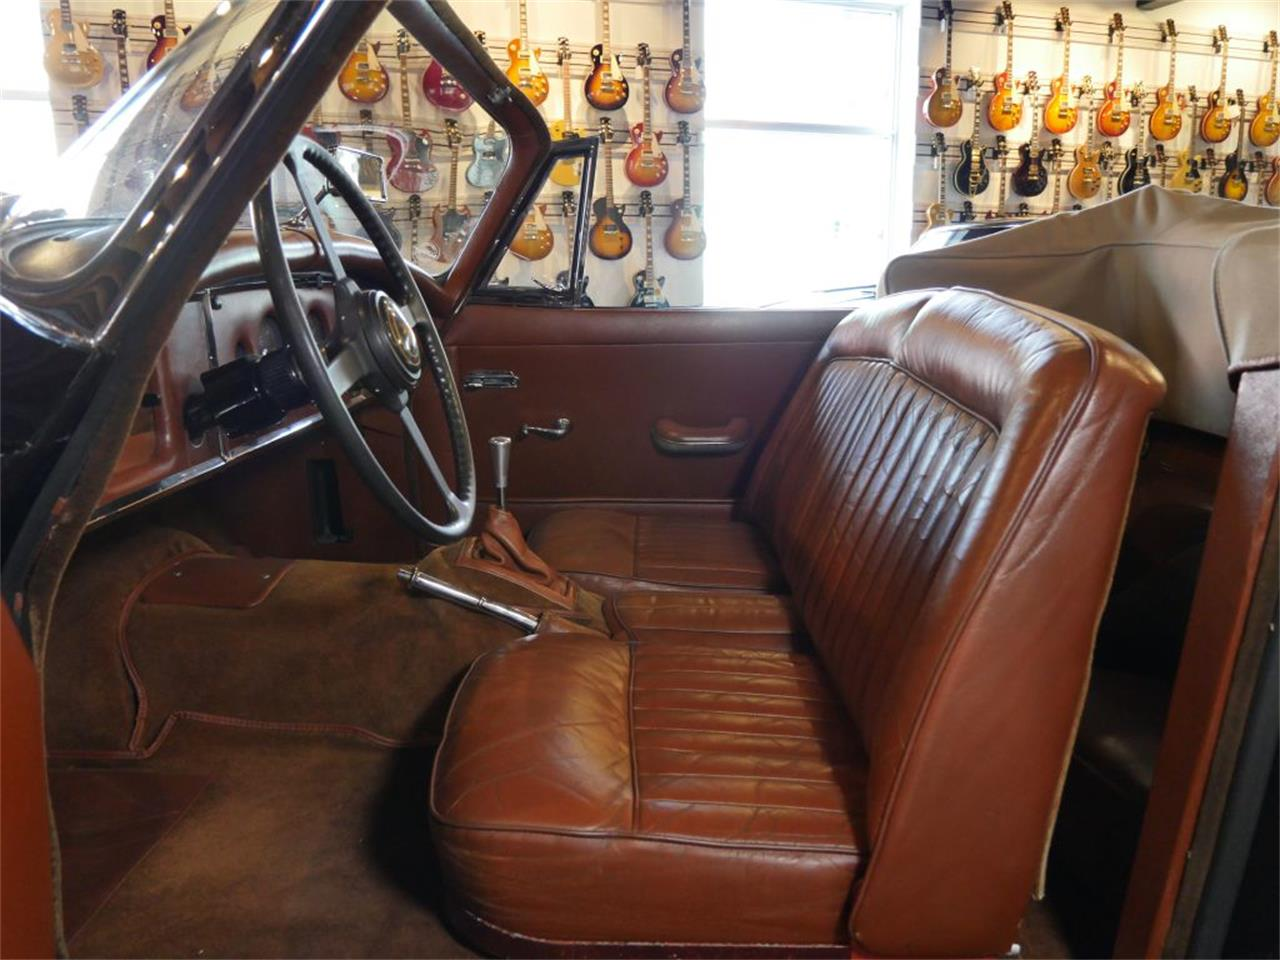 Large Picture of Classic '61 Jaguar XK150 located in Florida - $125,000.00 - QB2K